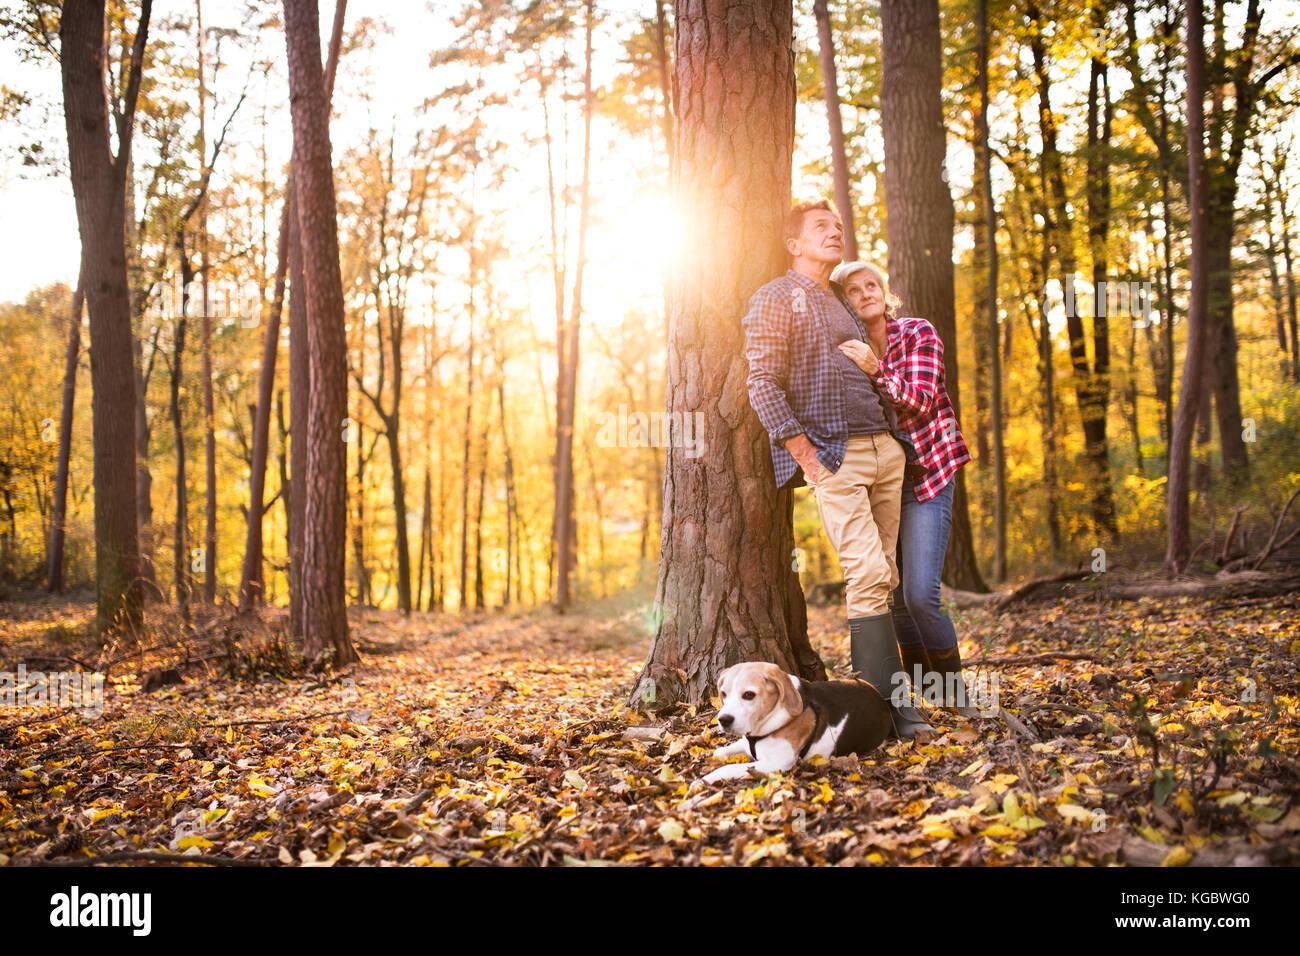 Älteres Ehepaar mit Hund auf einem Spaziergang im Wald. Stockbild